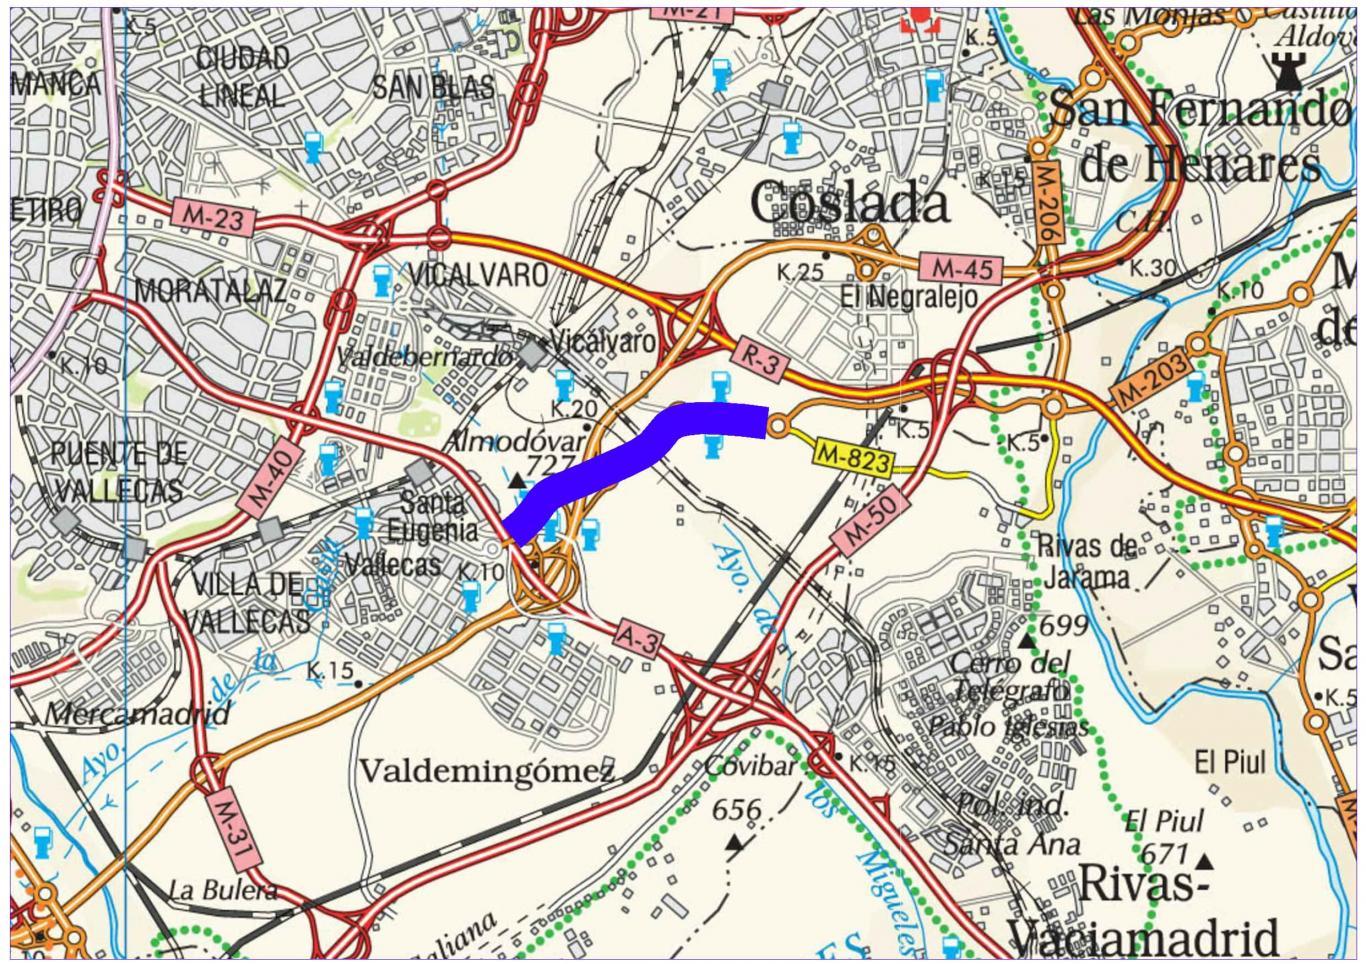 Plano de situación de la obra M-203 pk 0,000-4,000